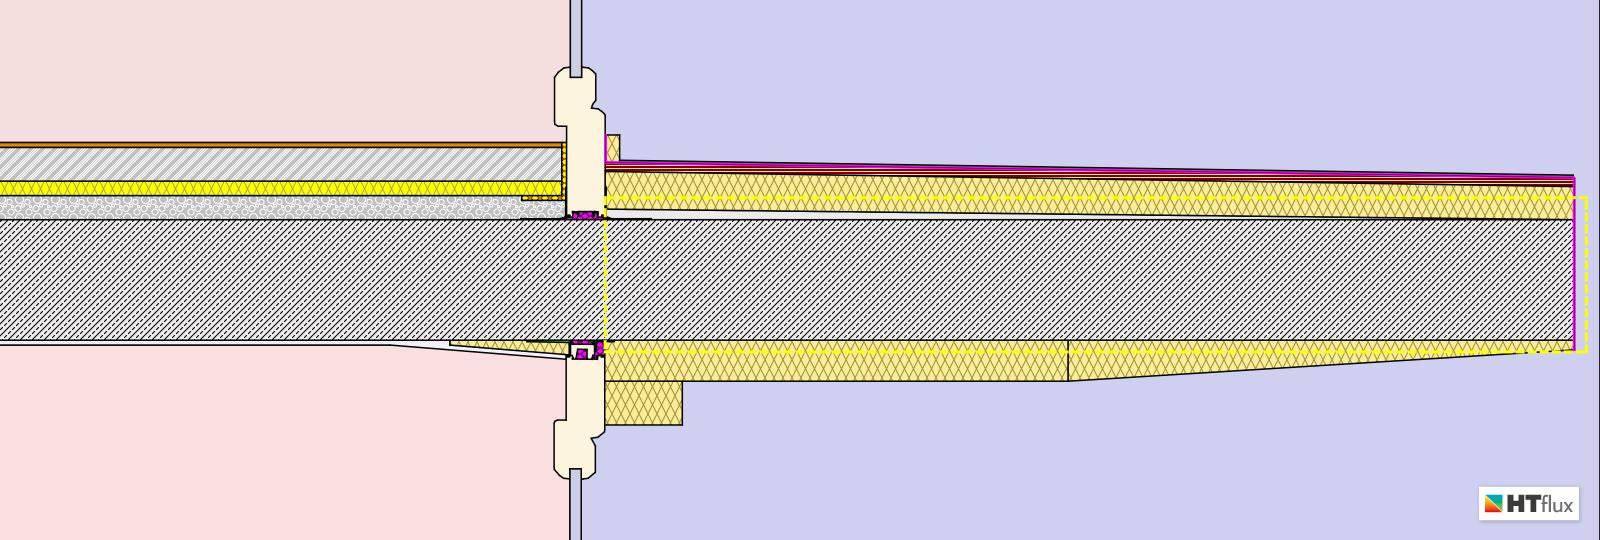 untersuchung der sanierung einer balkonauskragung ohne thermische. Black Bedroom Furniture Sets. Home Design Ideas